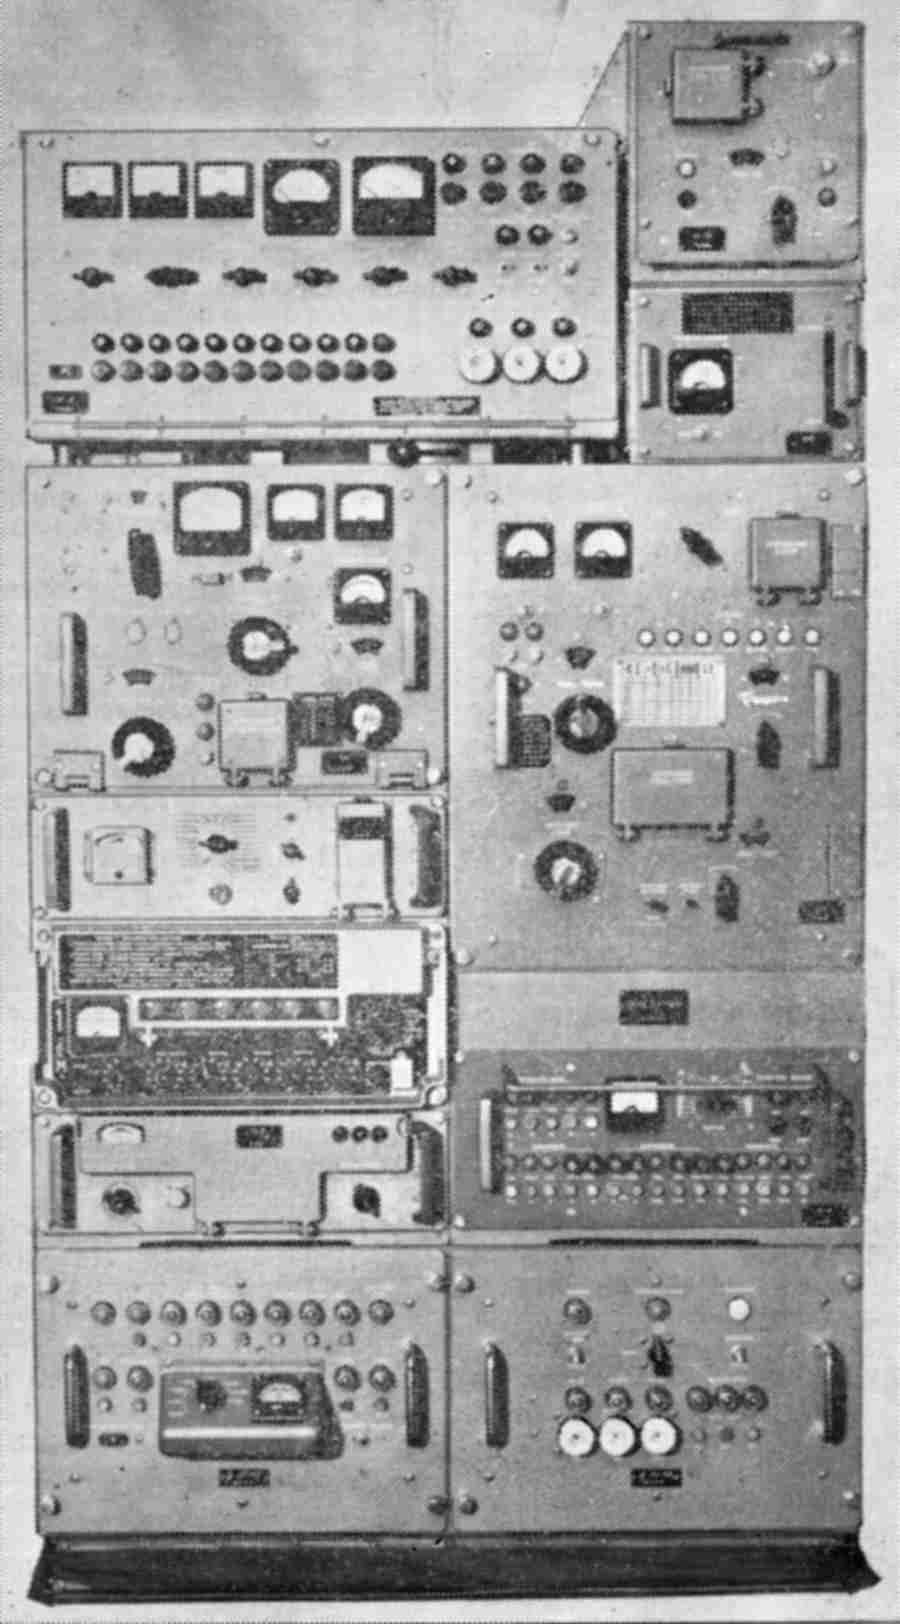 схема радиостанции р 140